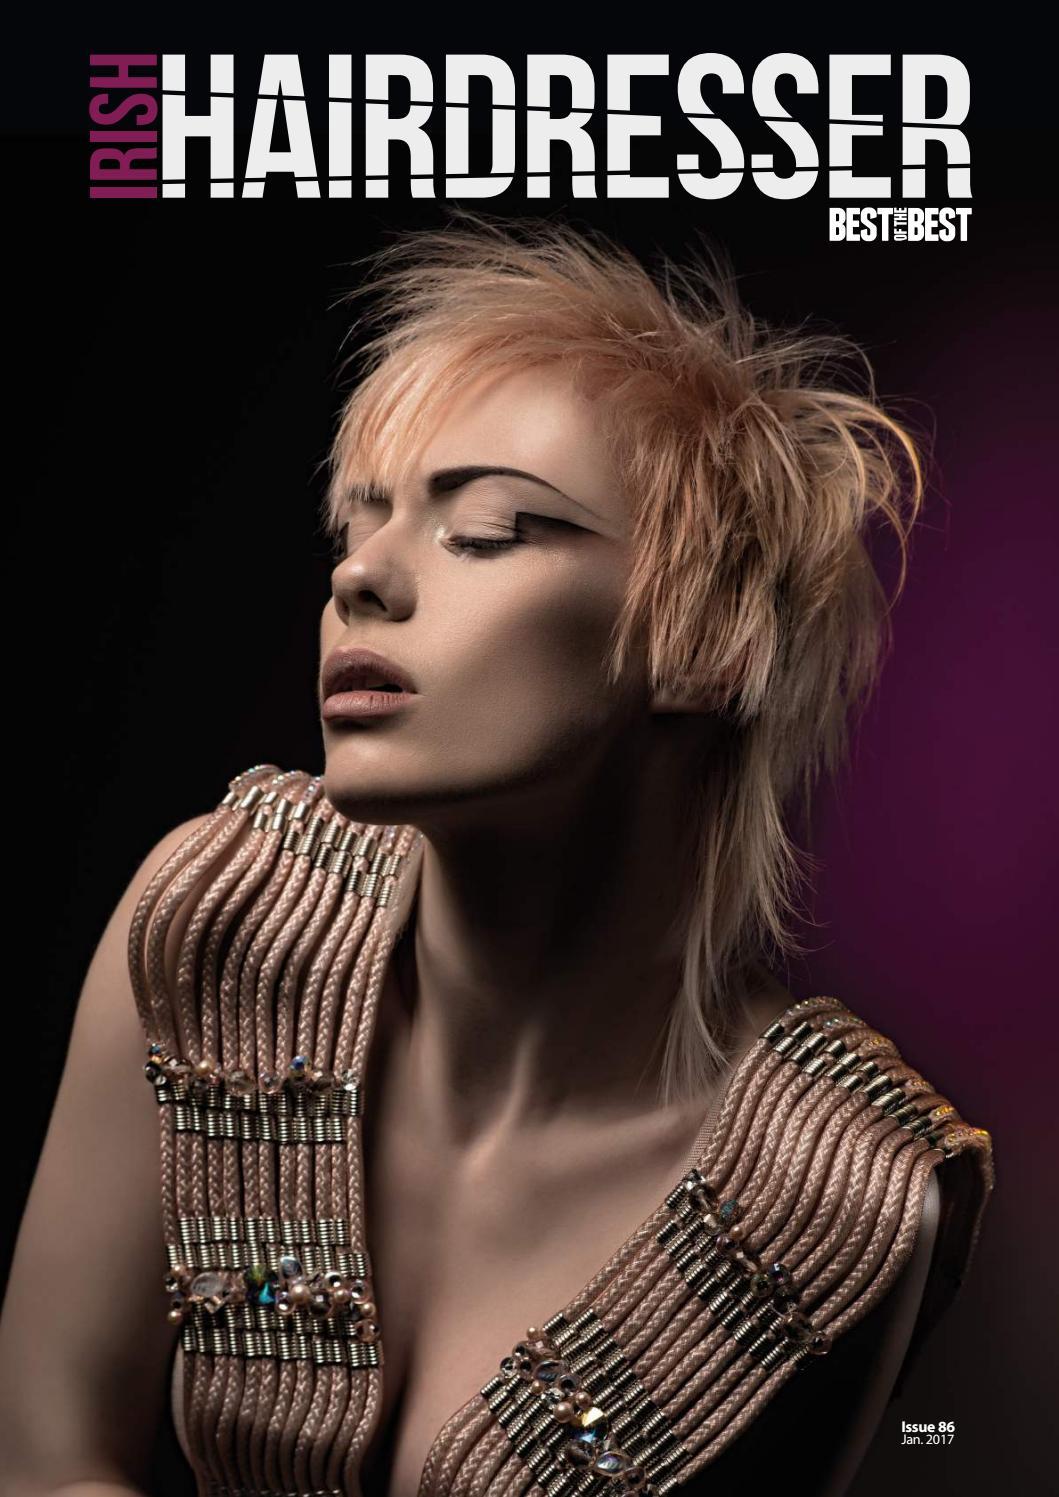 Irish Hairdresser Issue 86 By Irish Hairdresser Issuu